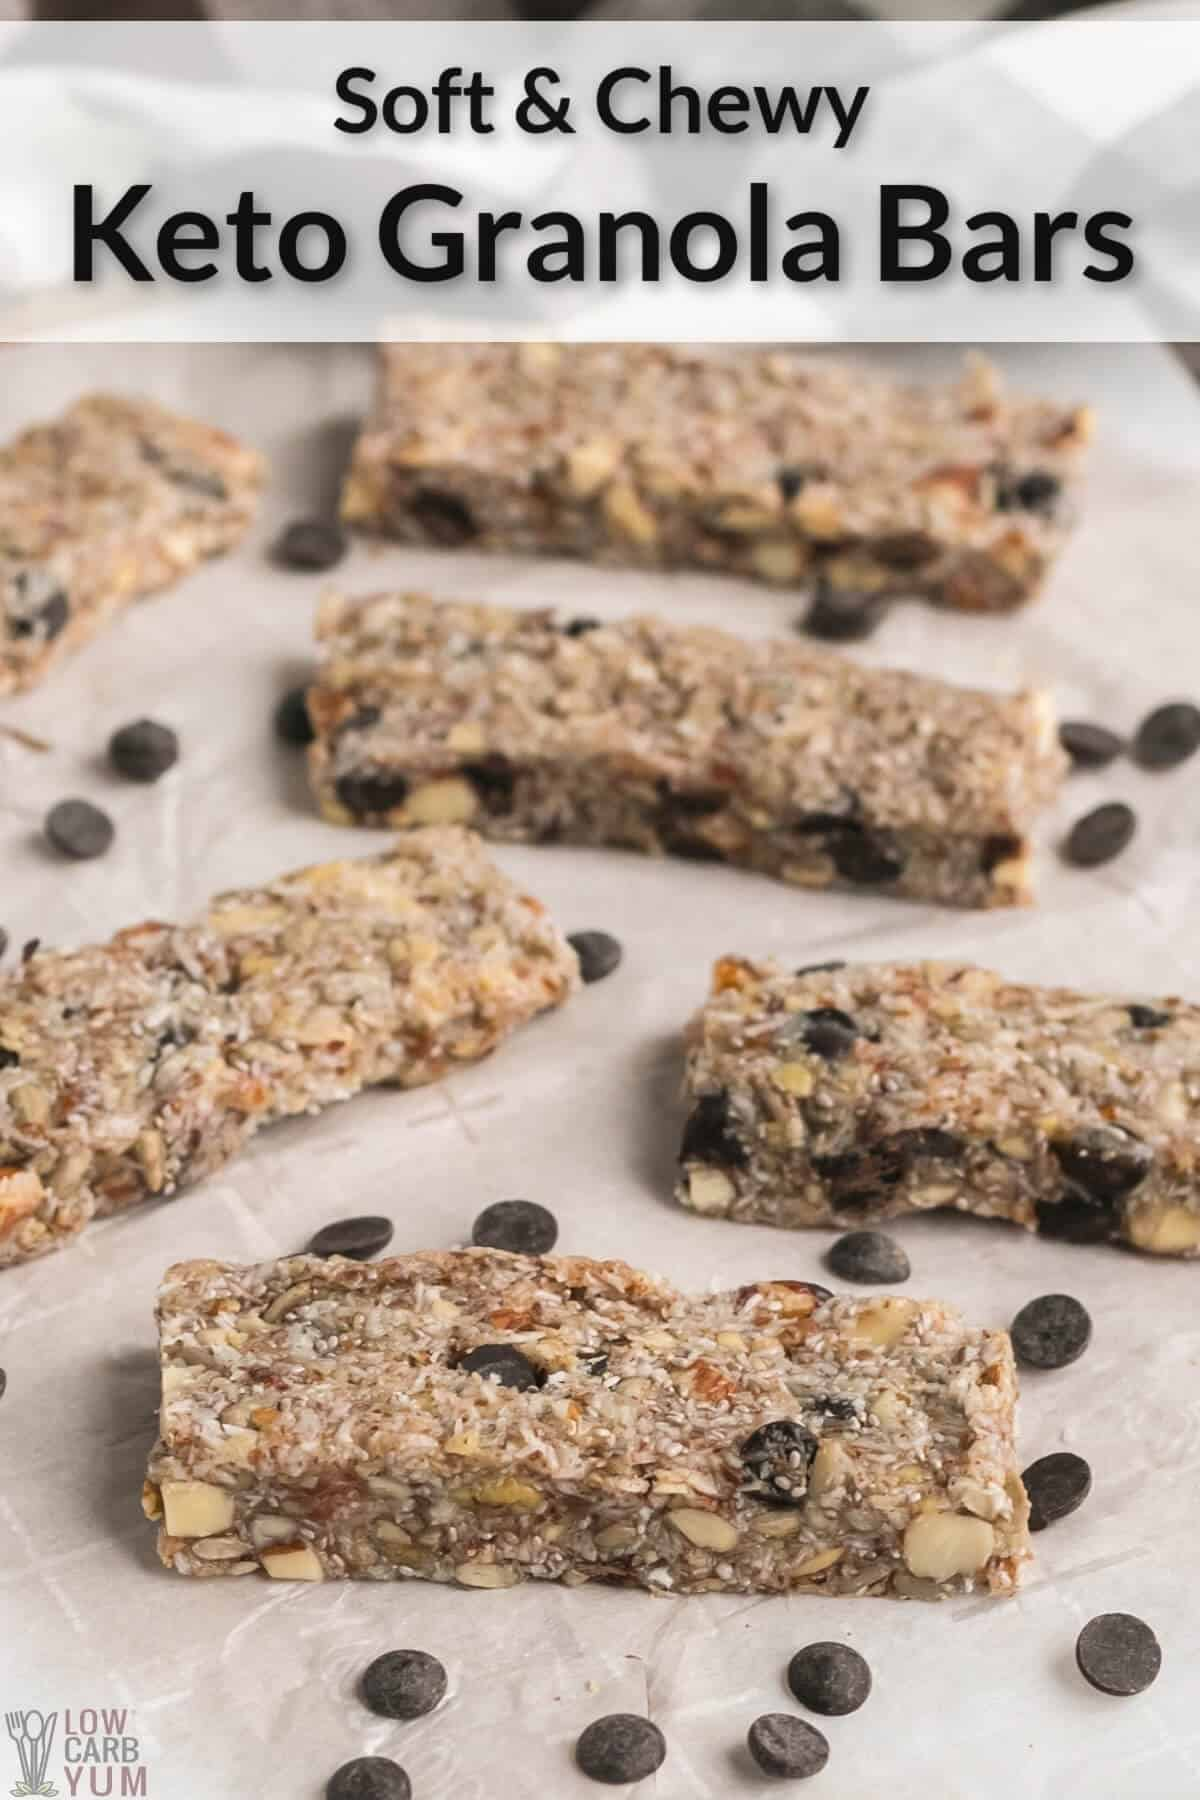 keto granola bars on parchment paper